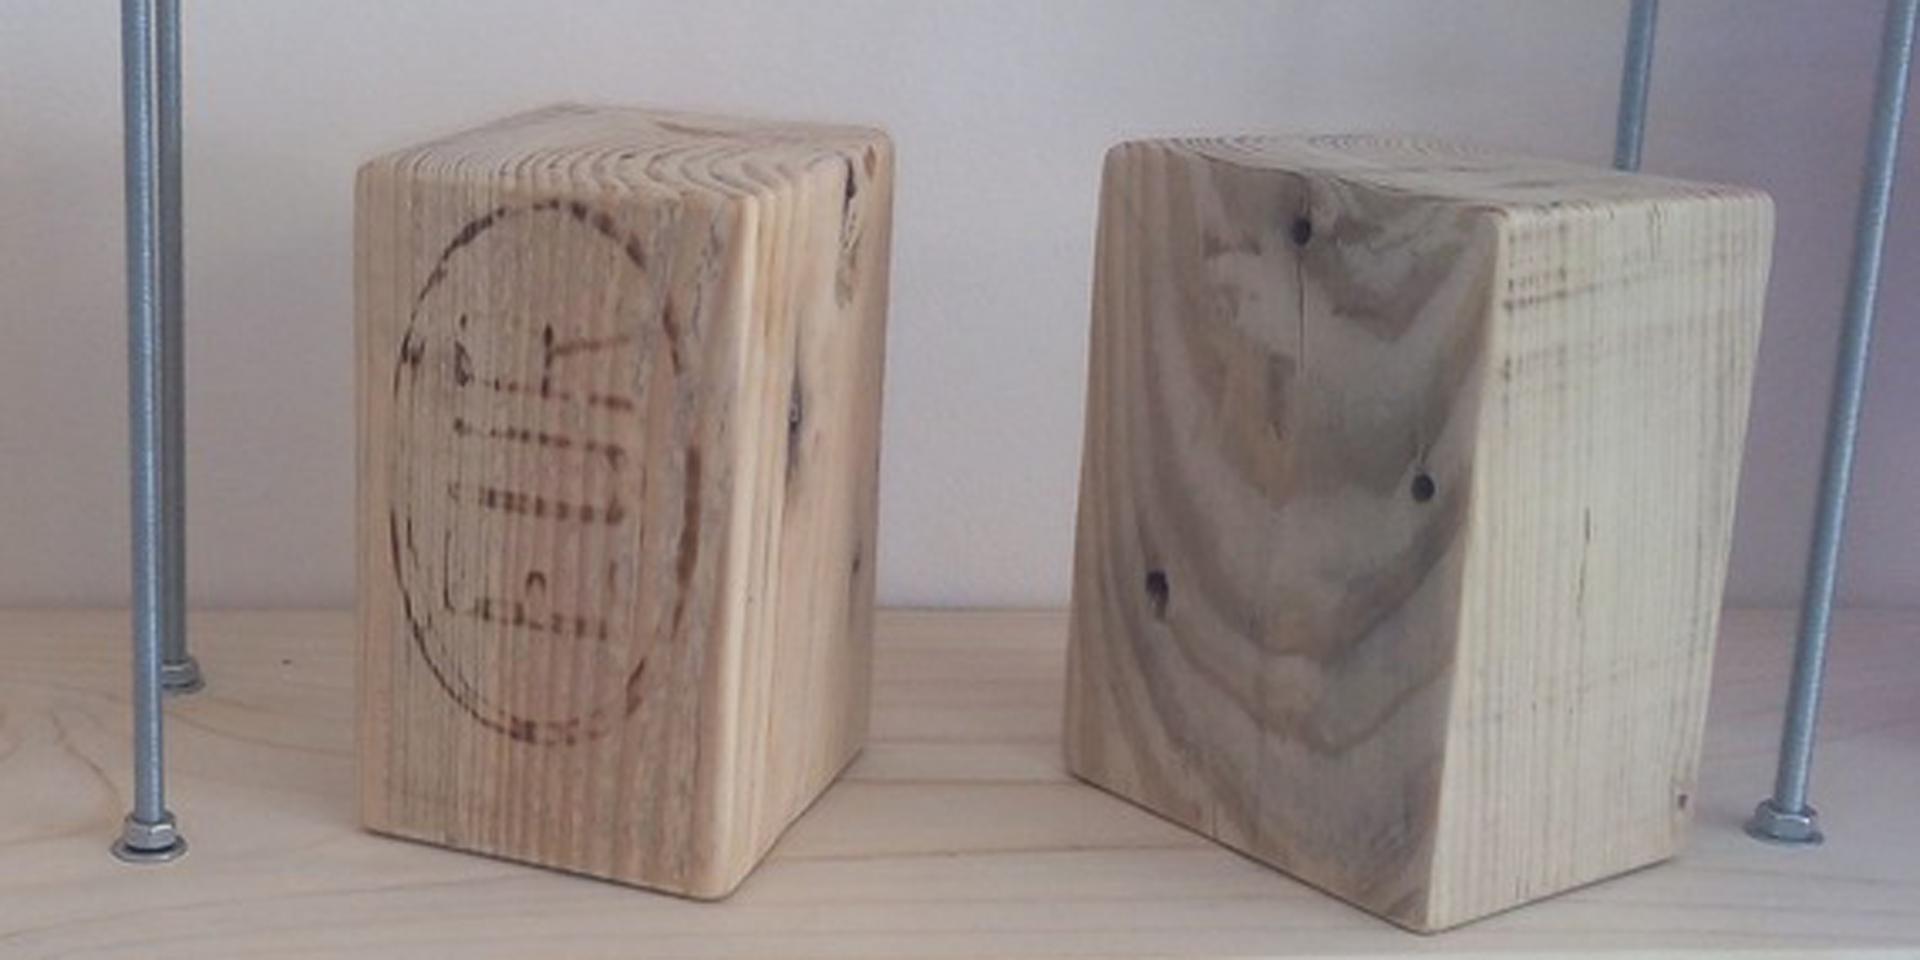 Accessoires de maison serre livres en bois clair paire 17631926 img 20151001 162874 de83f 570x0